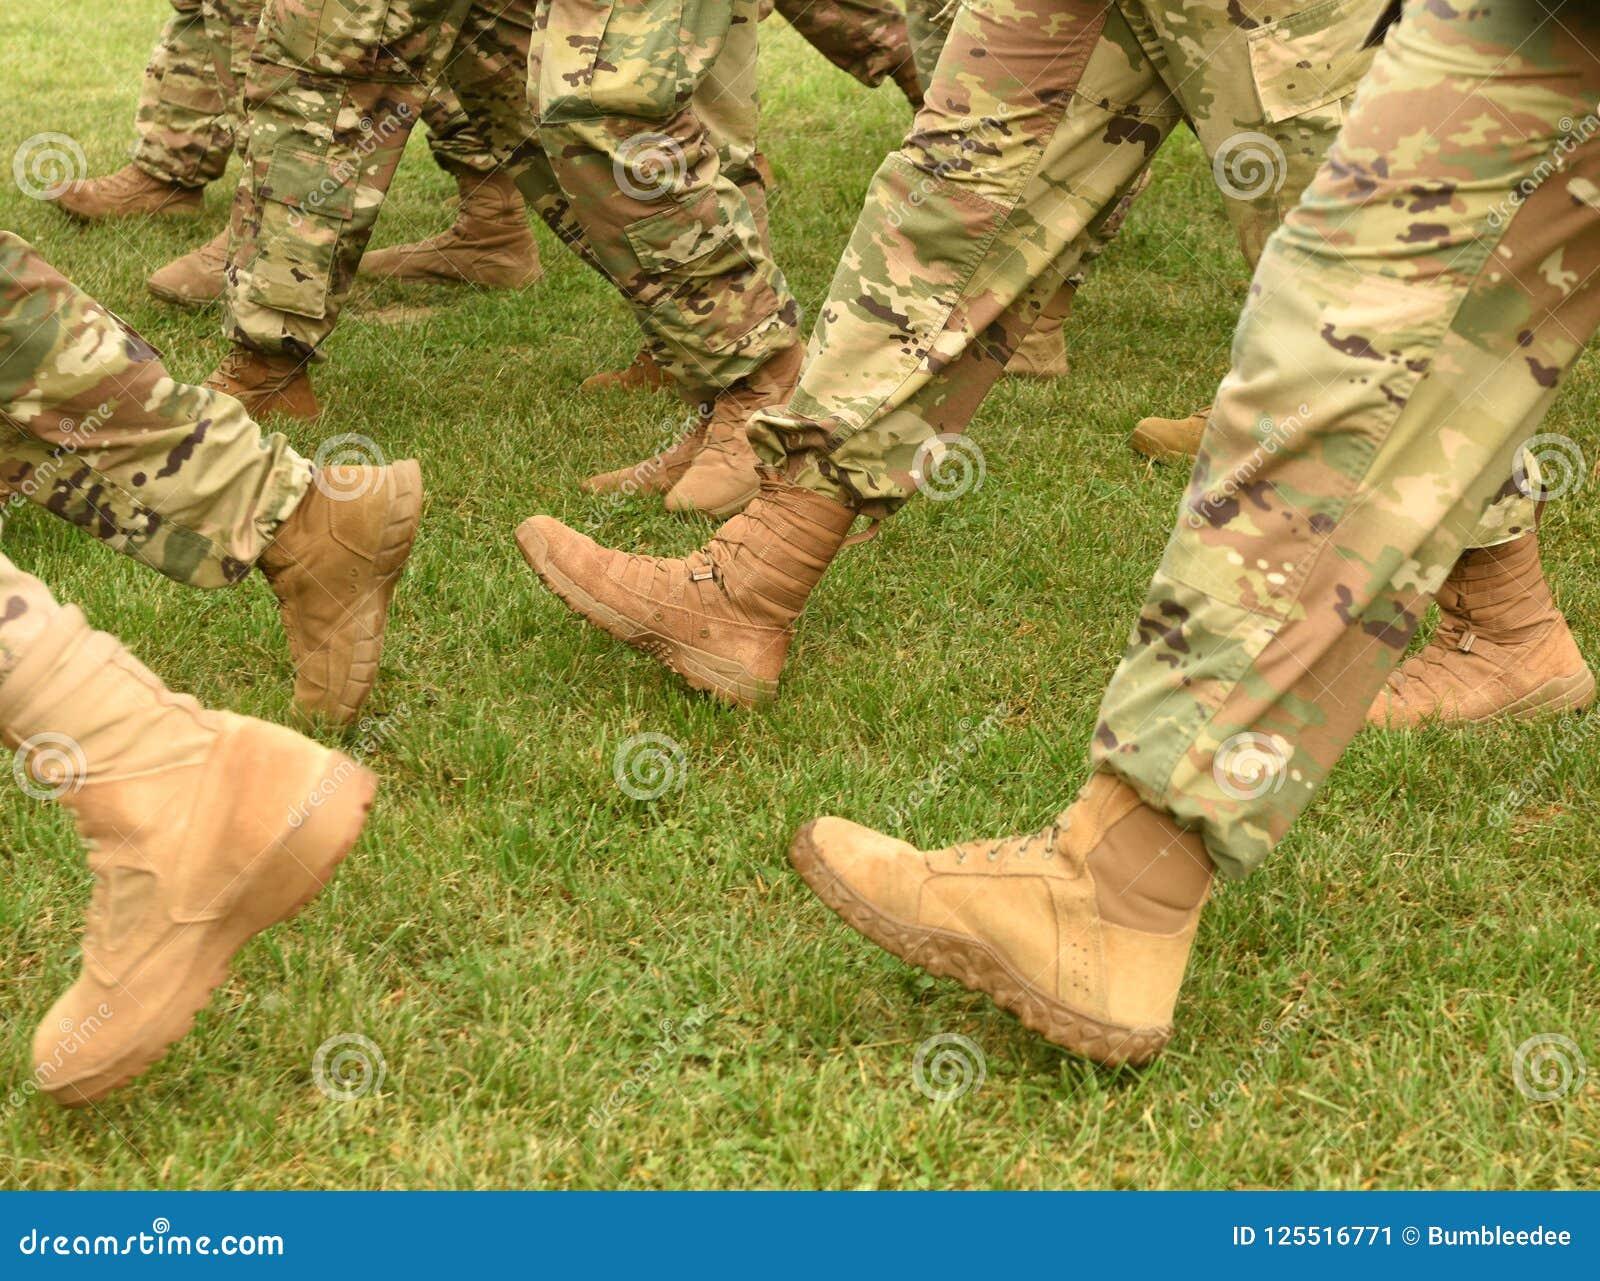 Pés dos soldados dos E.U. no uniforme militar da camuflagem verde Tropas dos E.U.